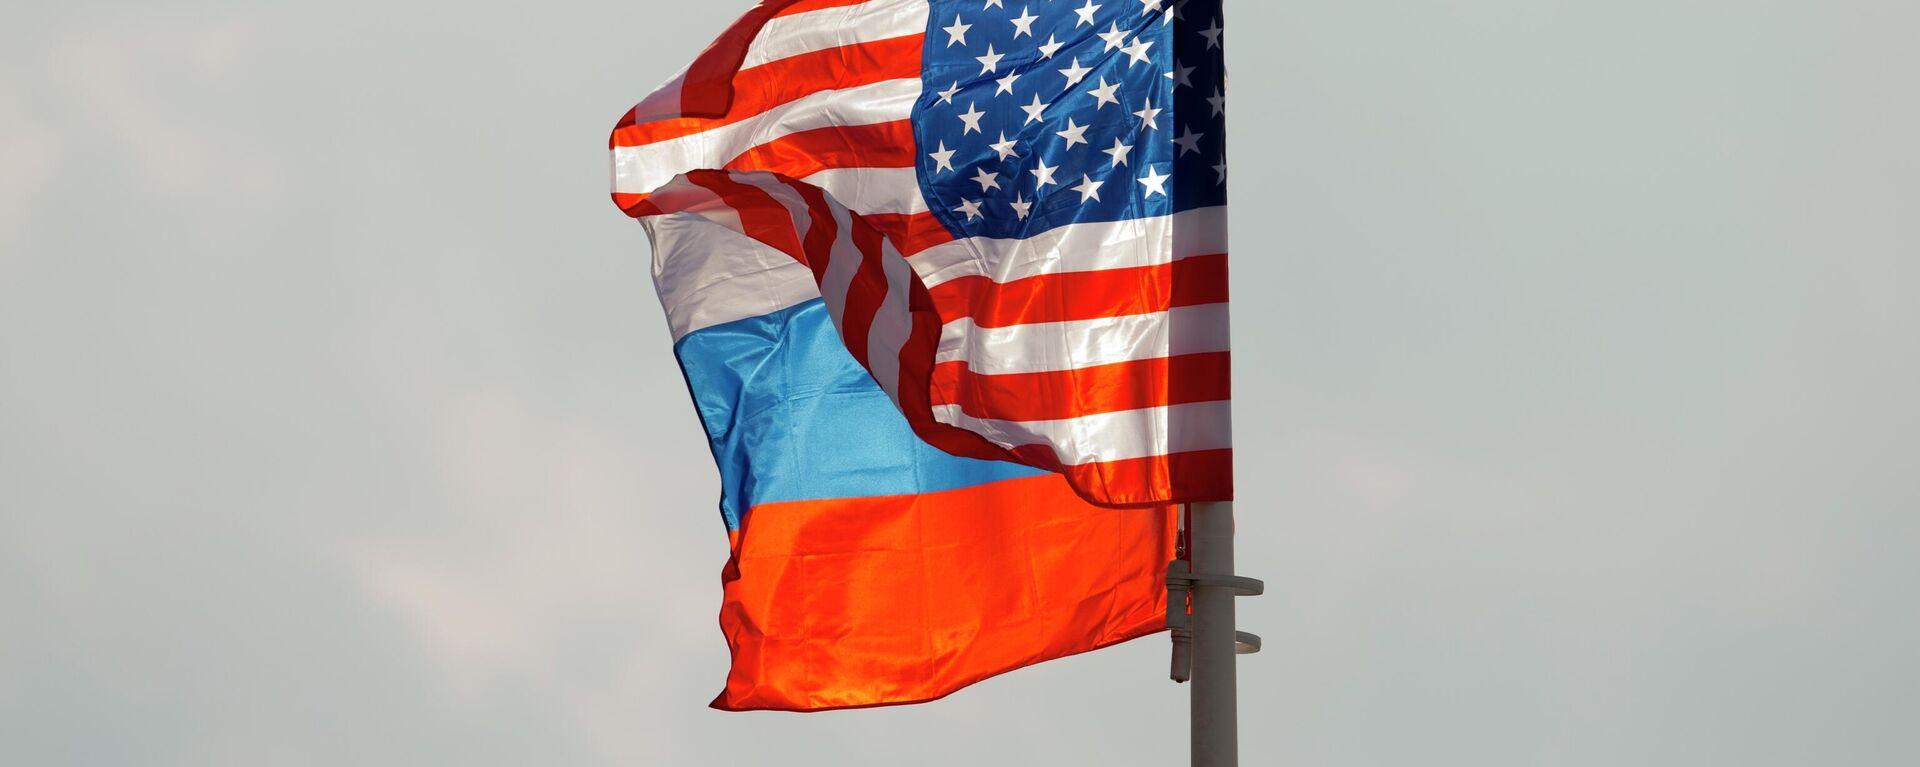 Russischen und Amerikanische Flaggen  - SNA, 1920, 03.05.2021